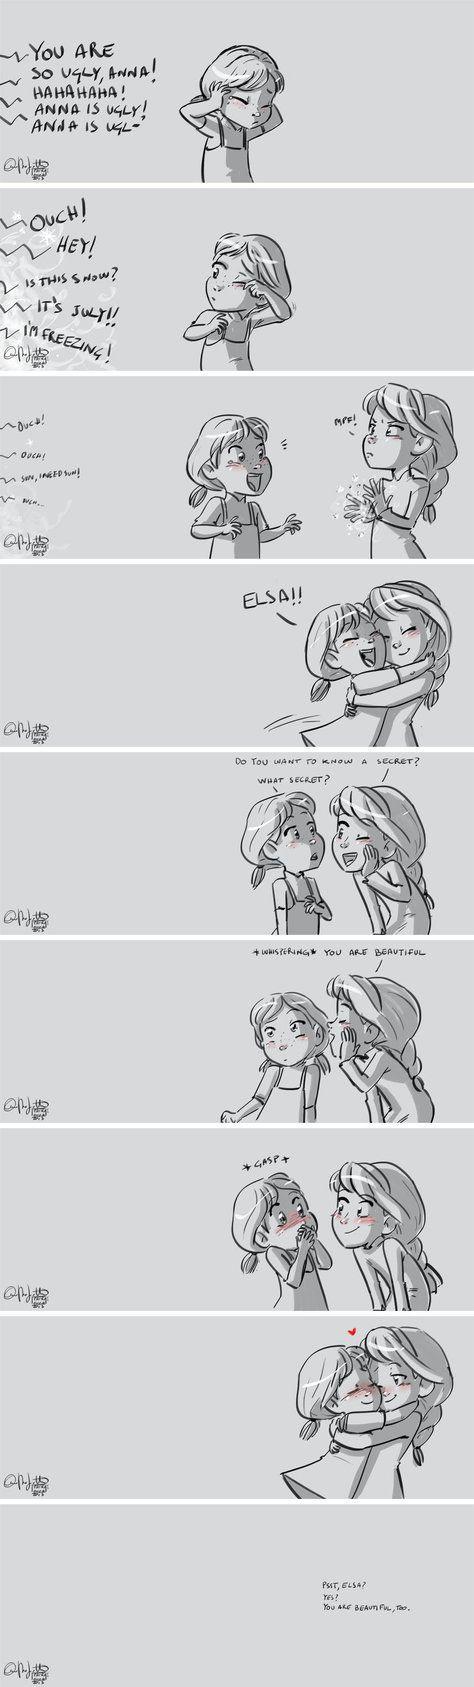 AWWW!!!... I kind of wish my siblings were like that